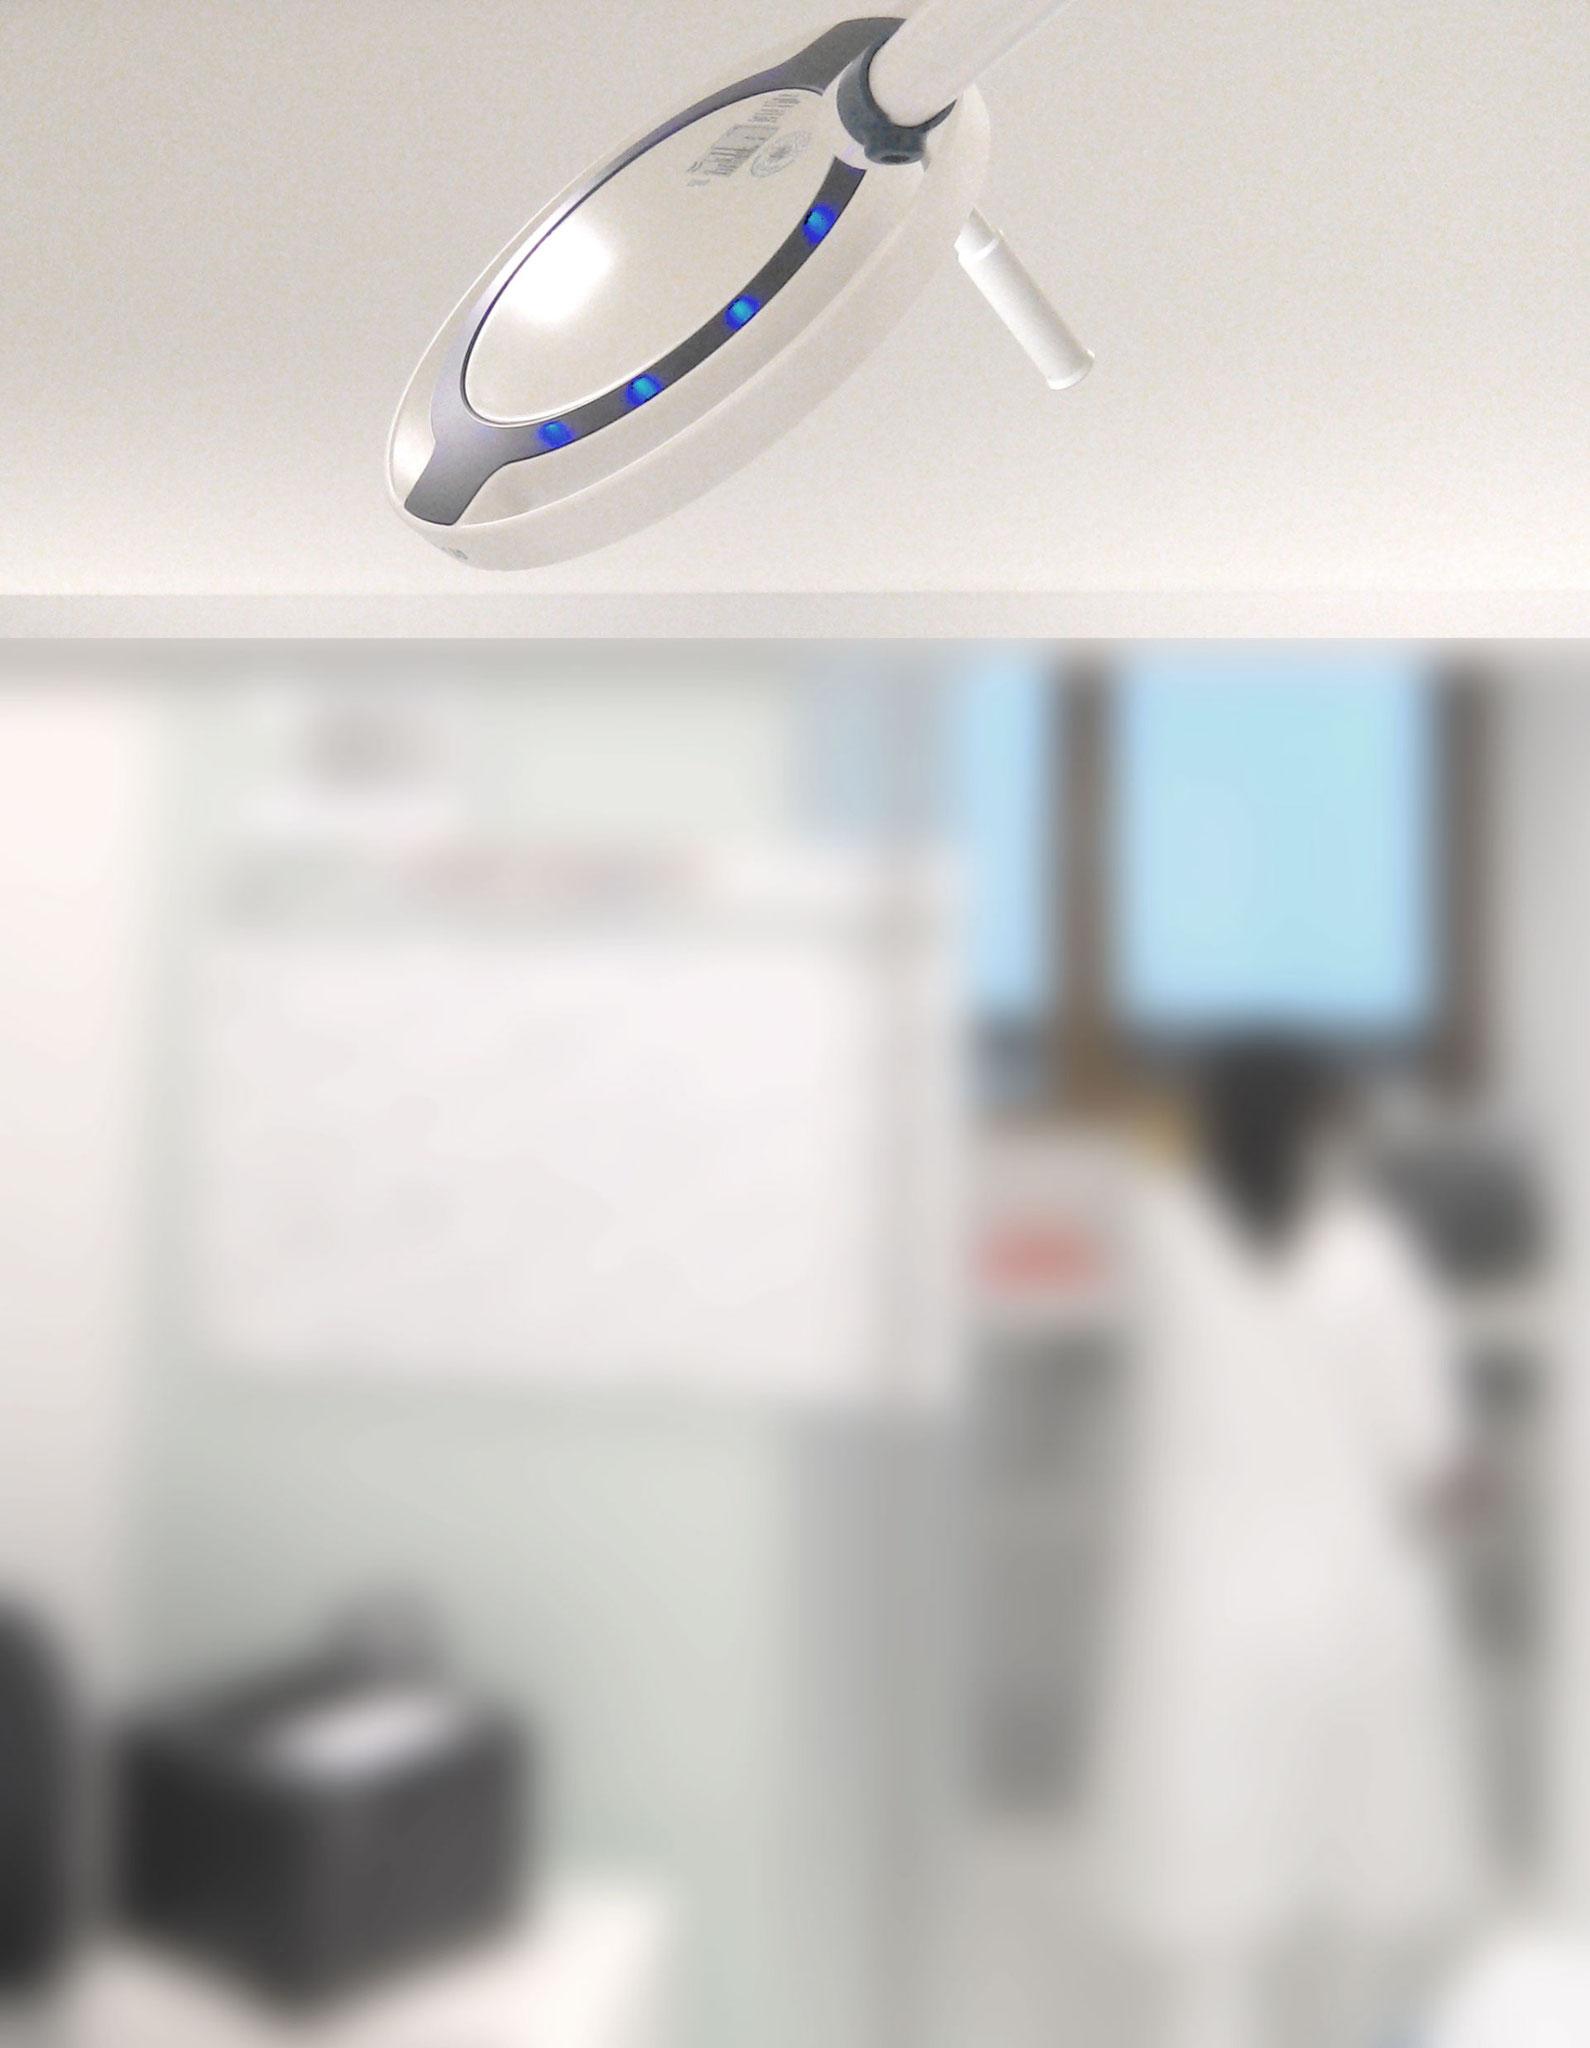 DR.MACH // Untersuchungsleuchte LED130 // Bei meiner Tätigkeit als Designer bei designaffairs Erlangen konnte ich für die Firma DR.MACH diese Neuentwicklung gestalten.